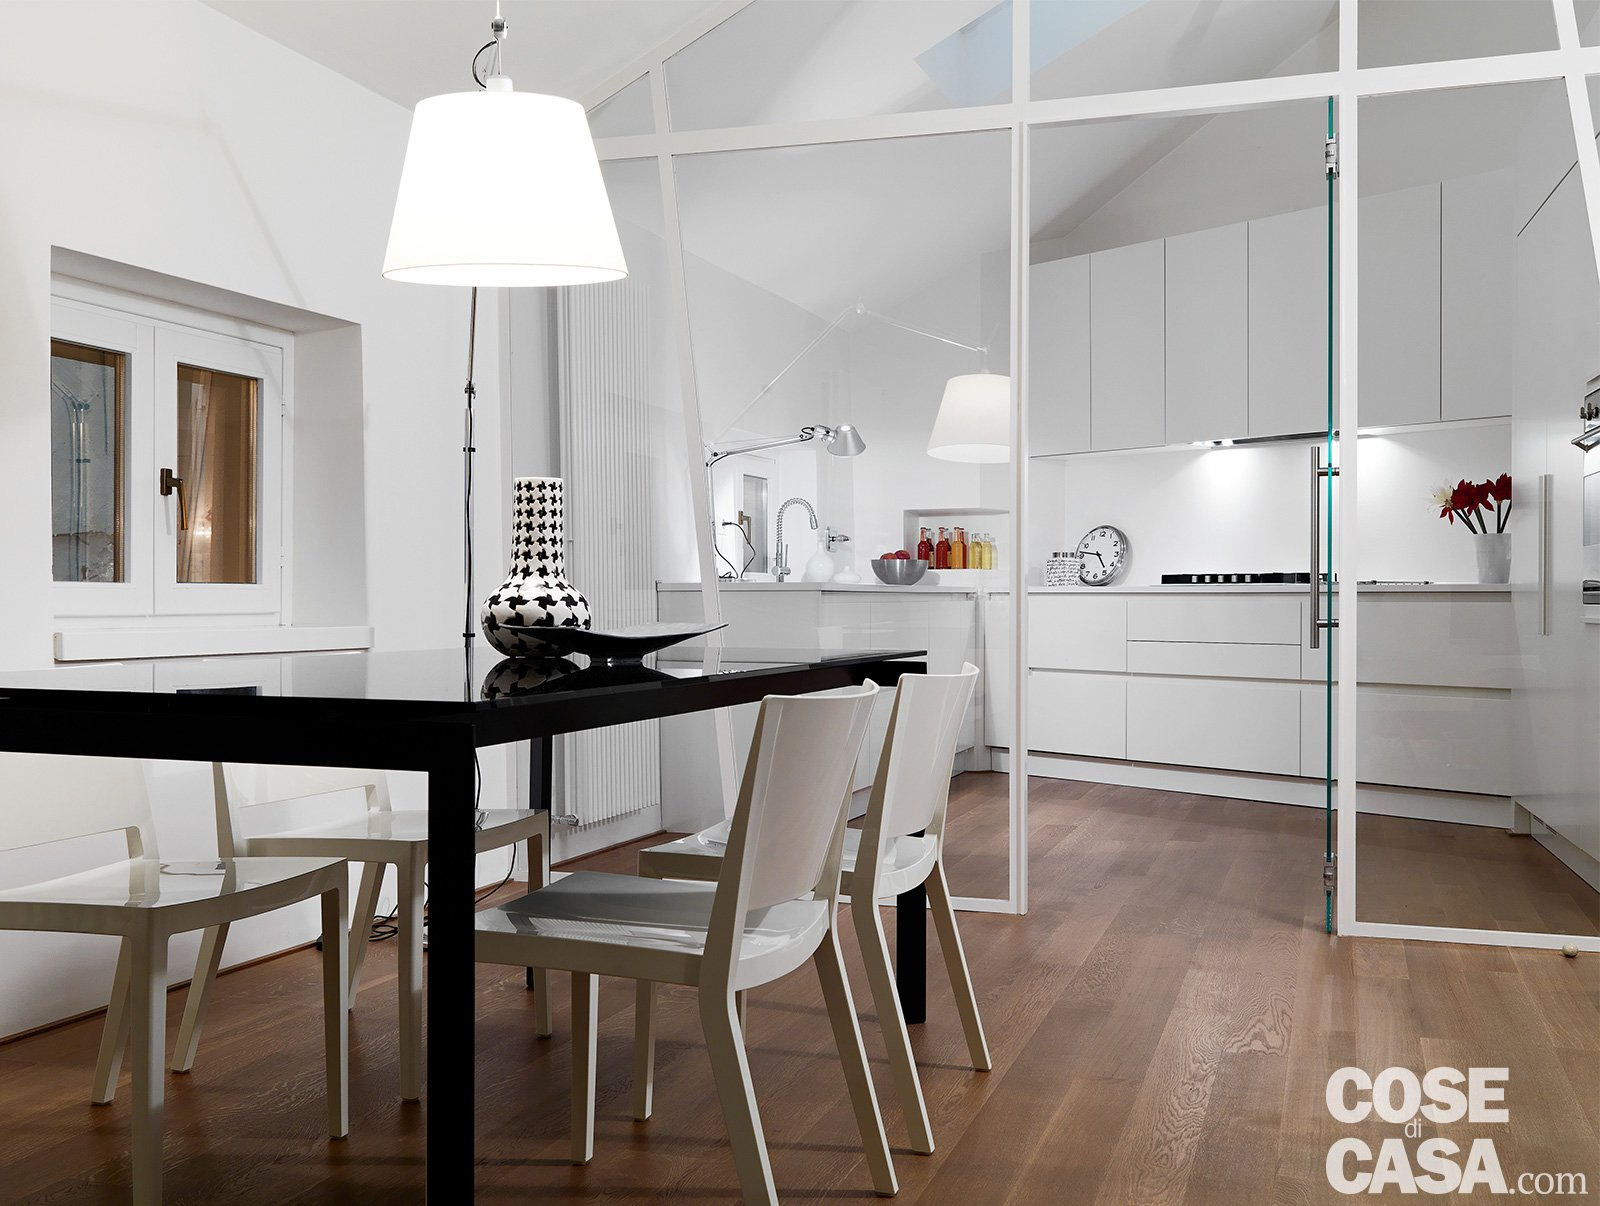 95 mq con cucina chiusa da parete vetrata di taglio - Cucine con vetrate ...